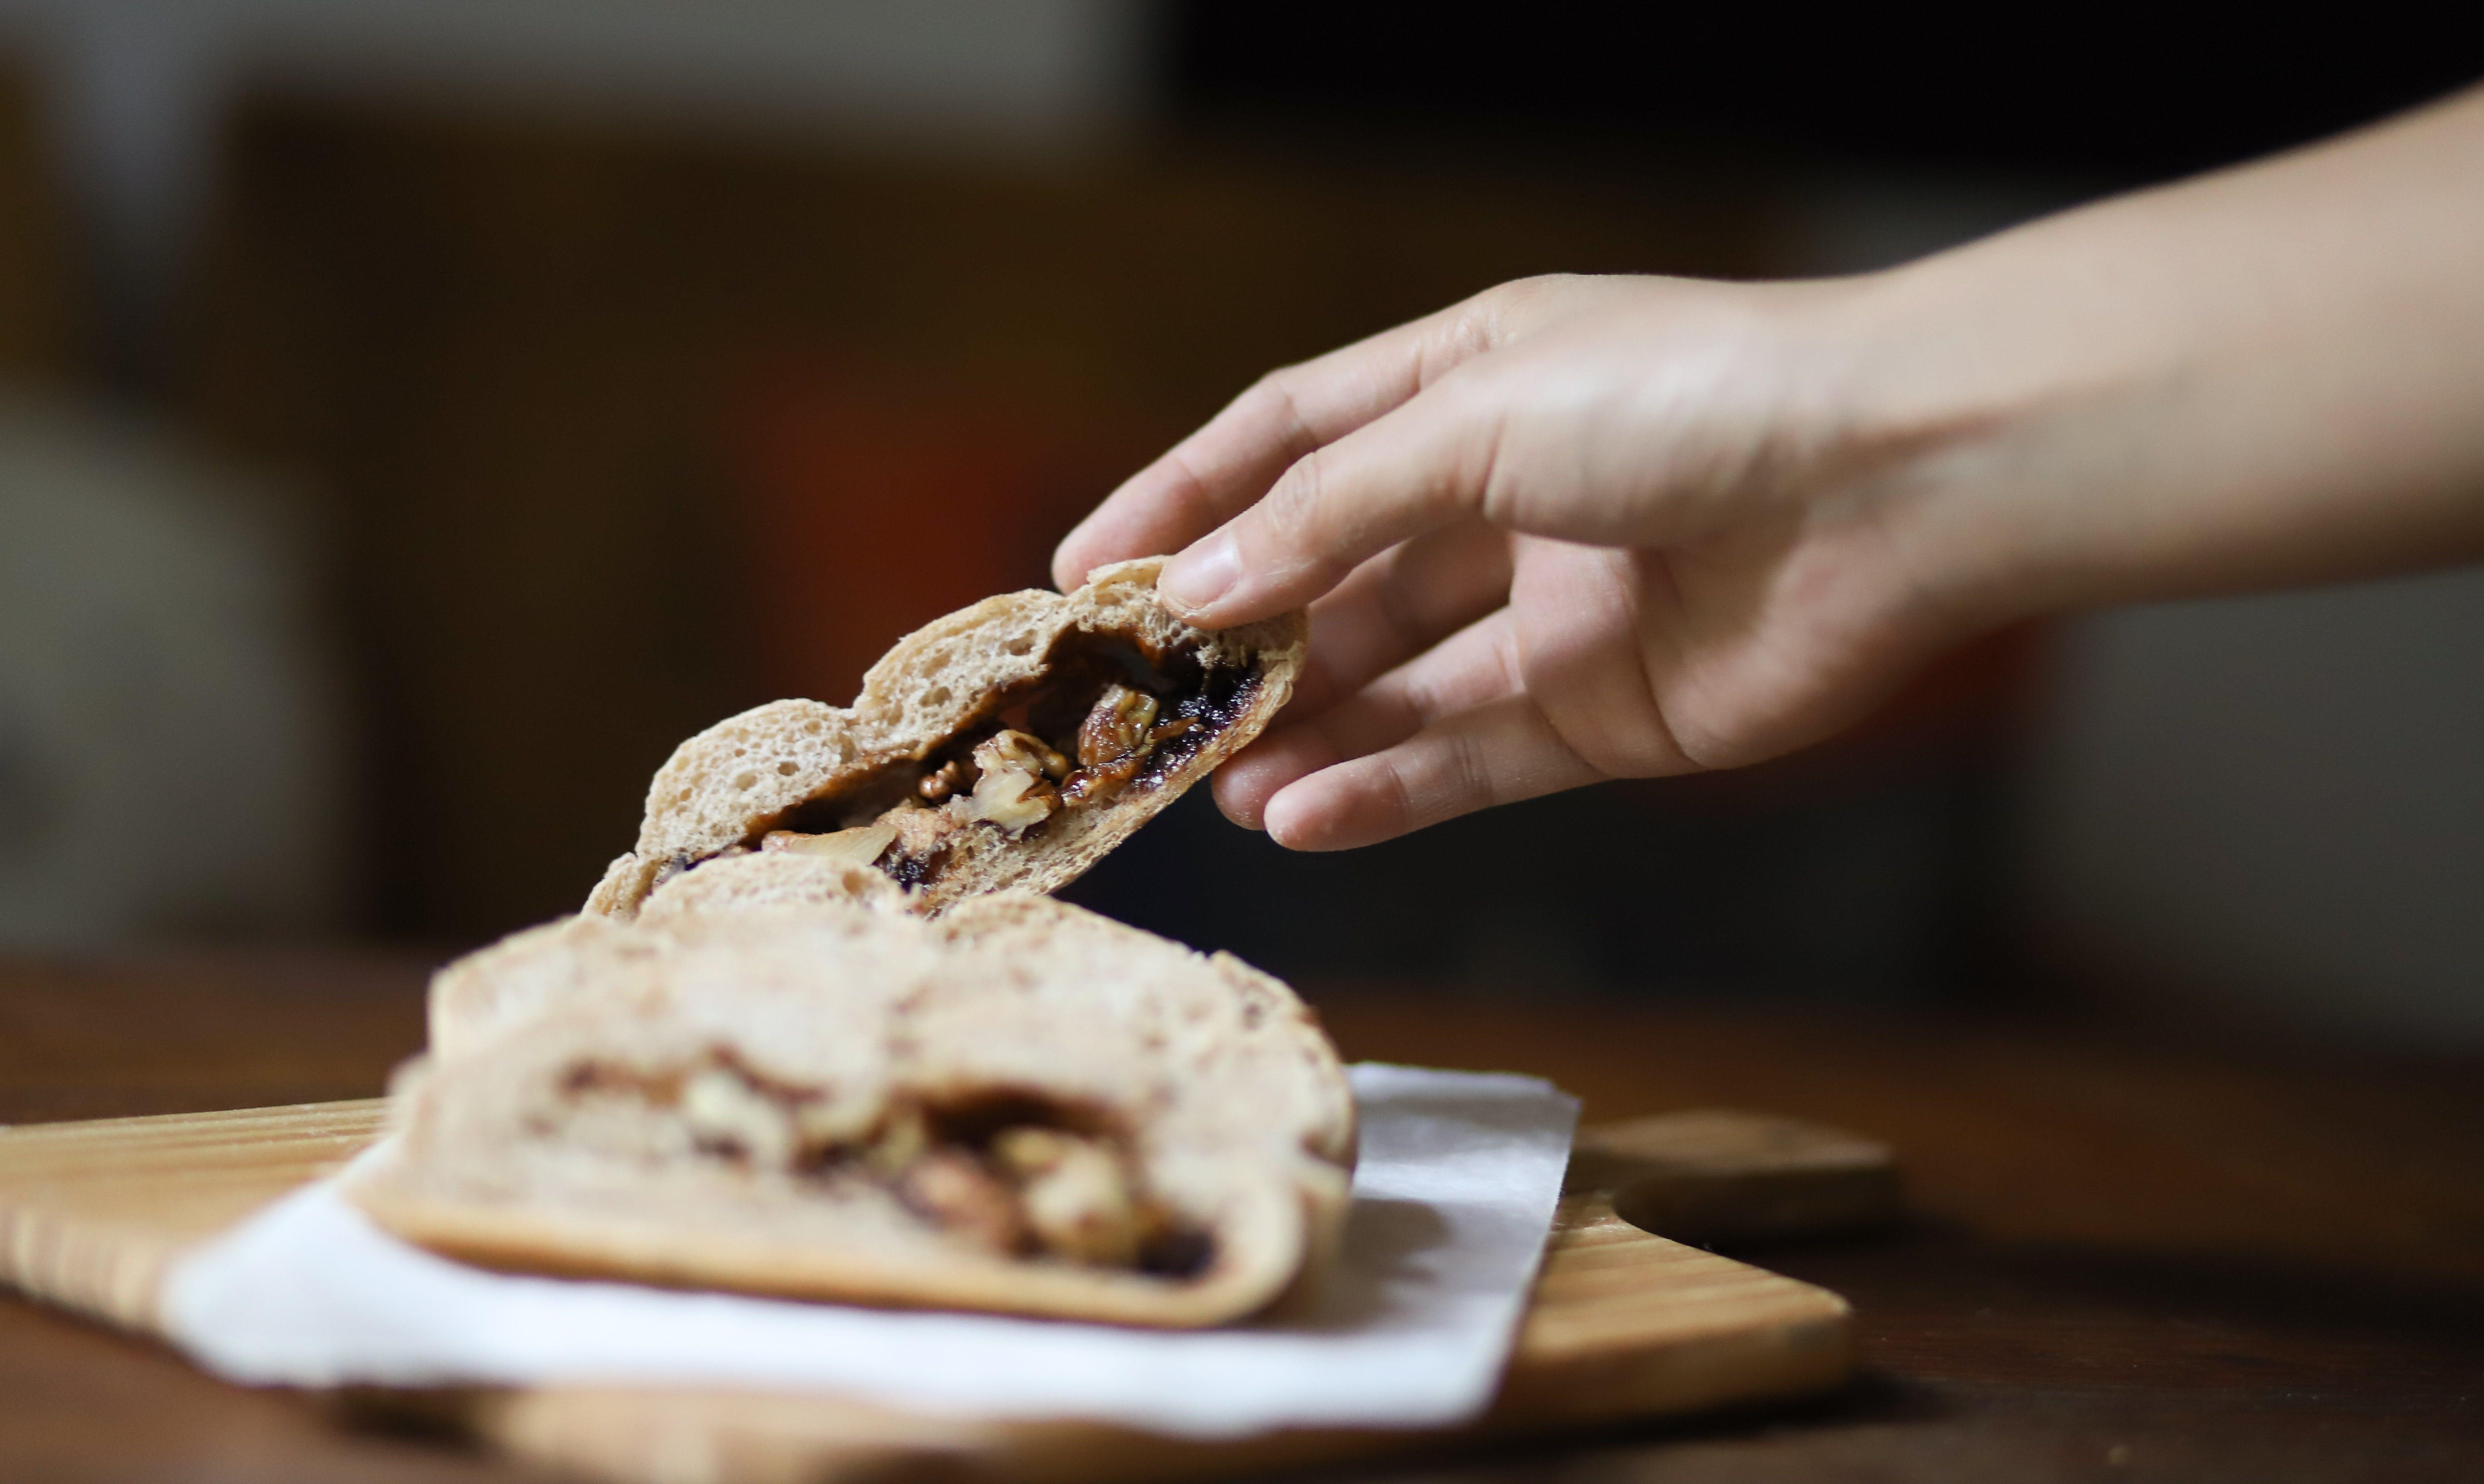 Kostenloses Stock Foto zu brot, essen, gebäck, hand